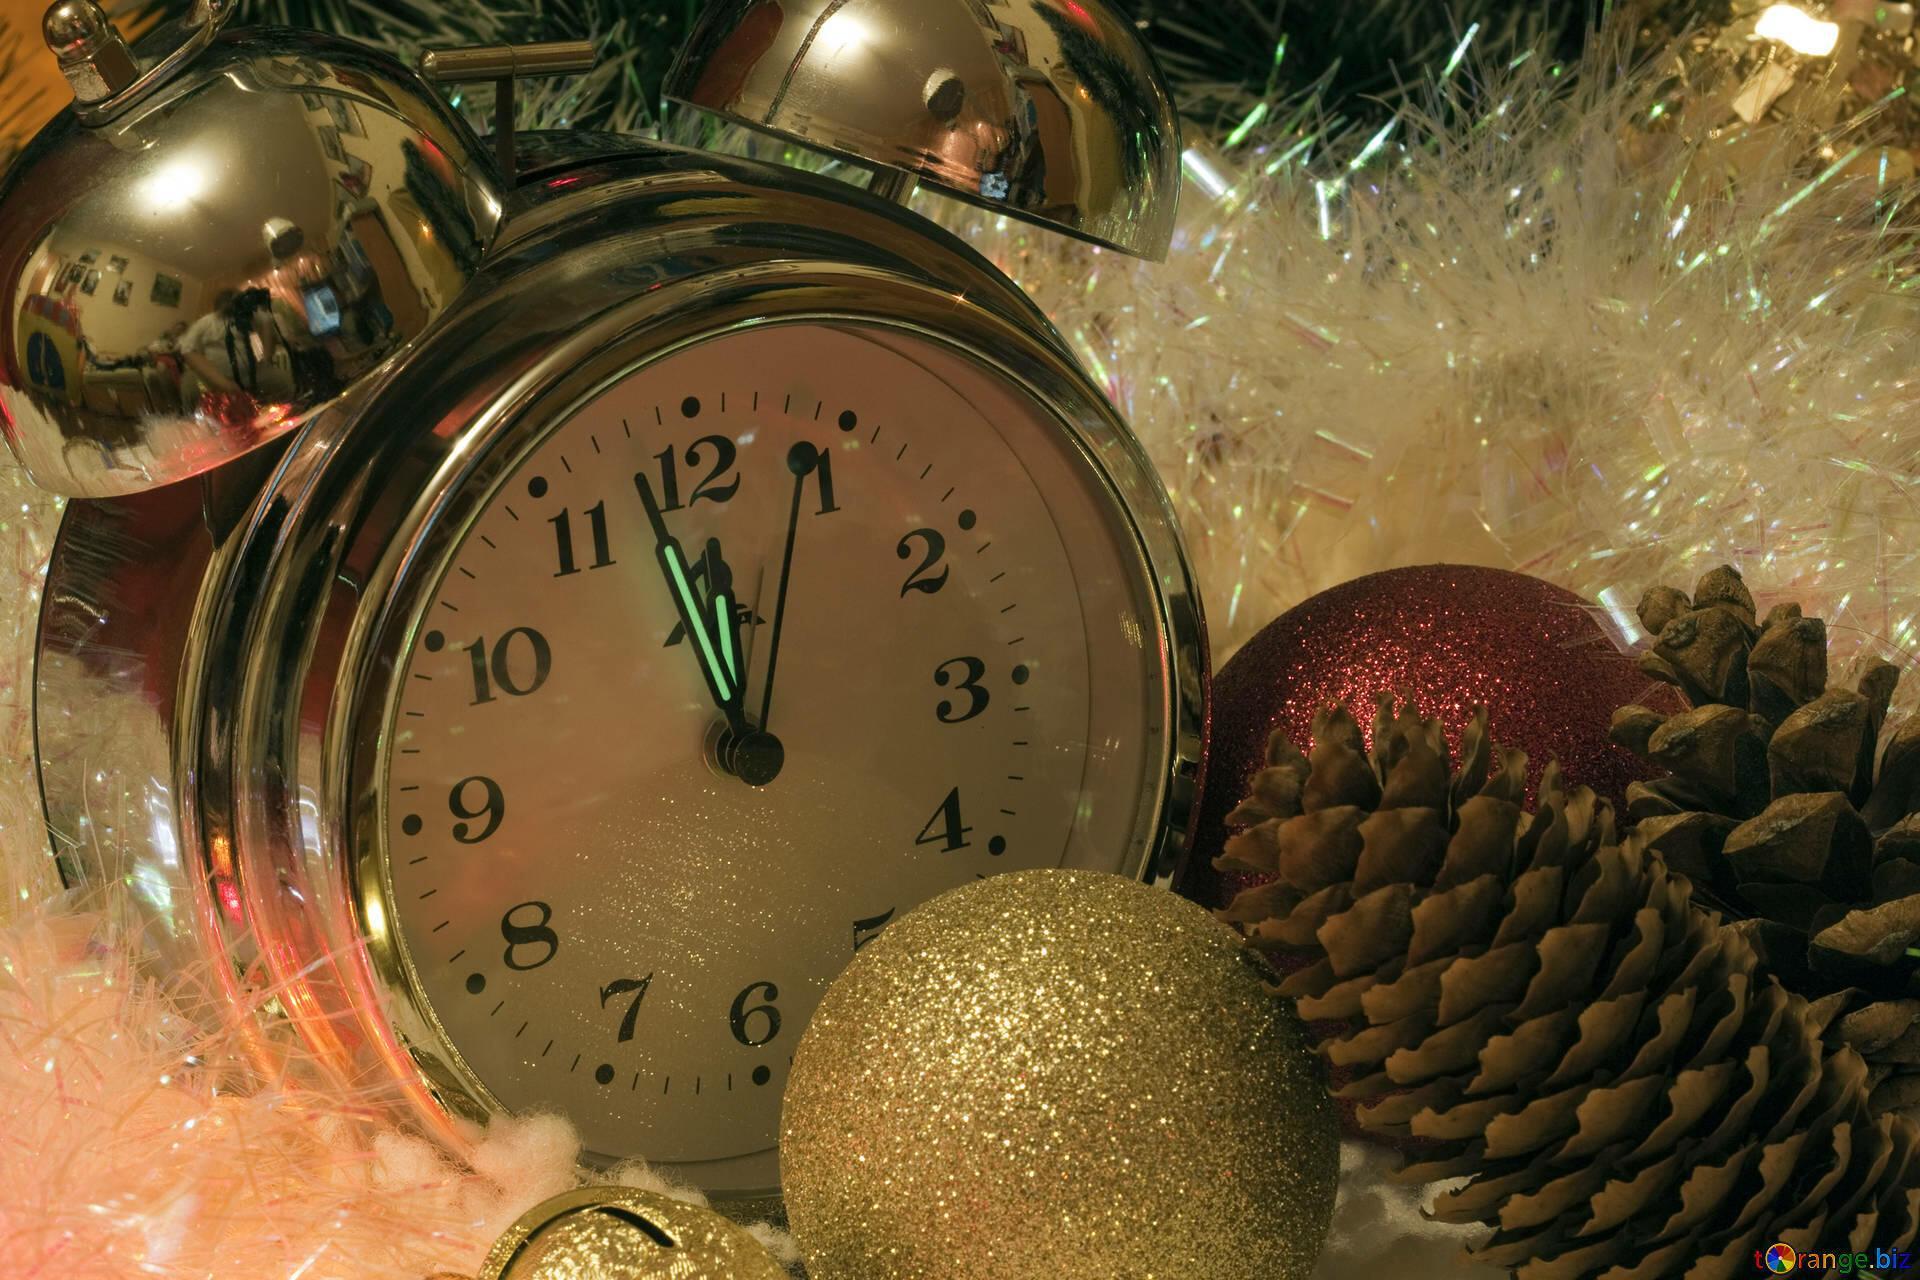 картинки часов на новый год отправкой документ